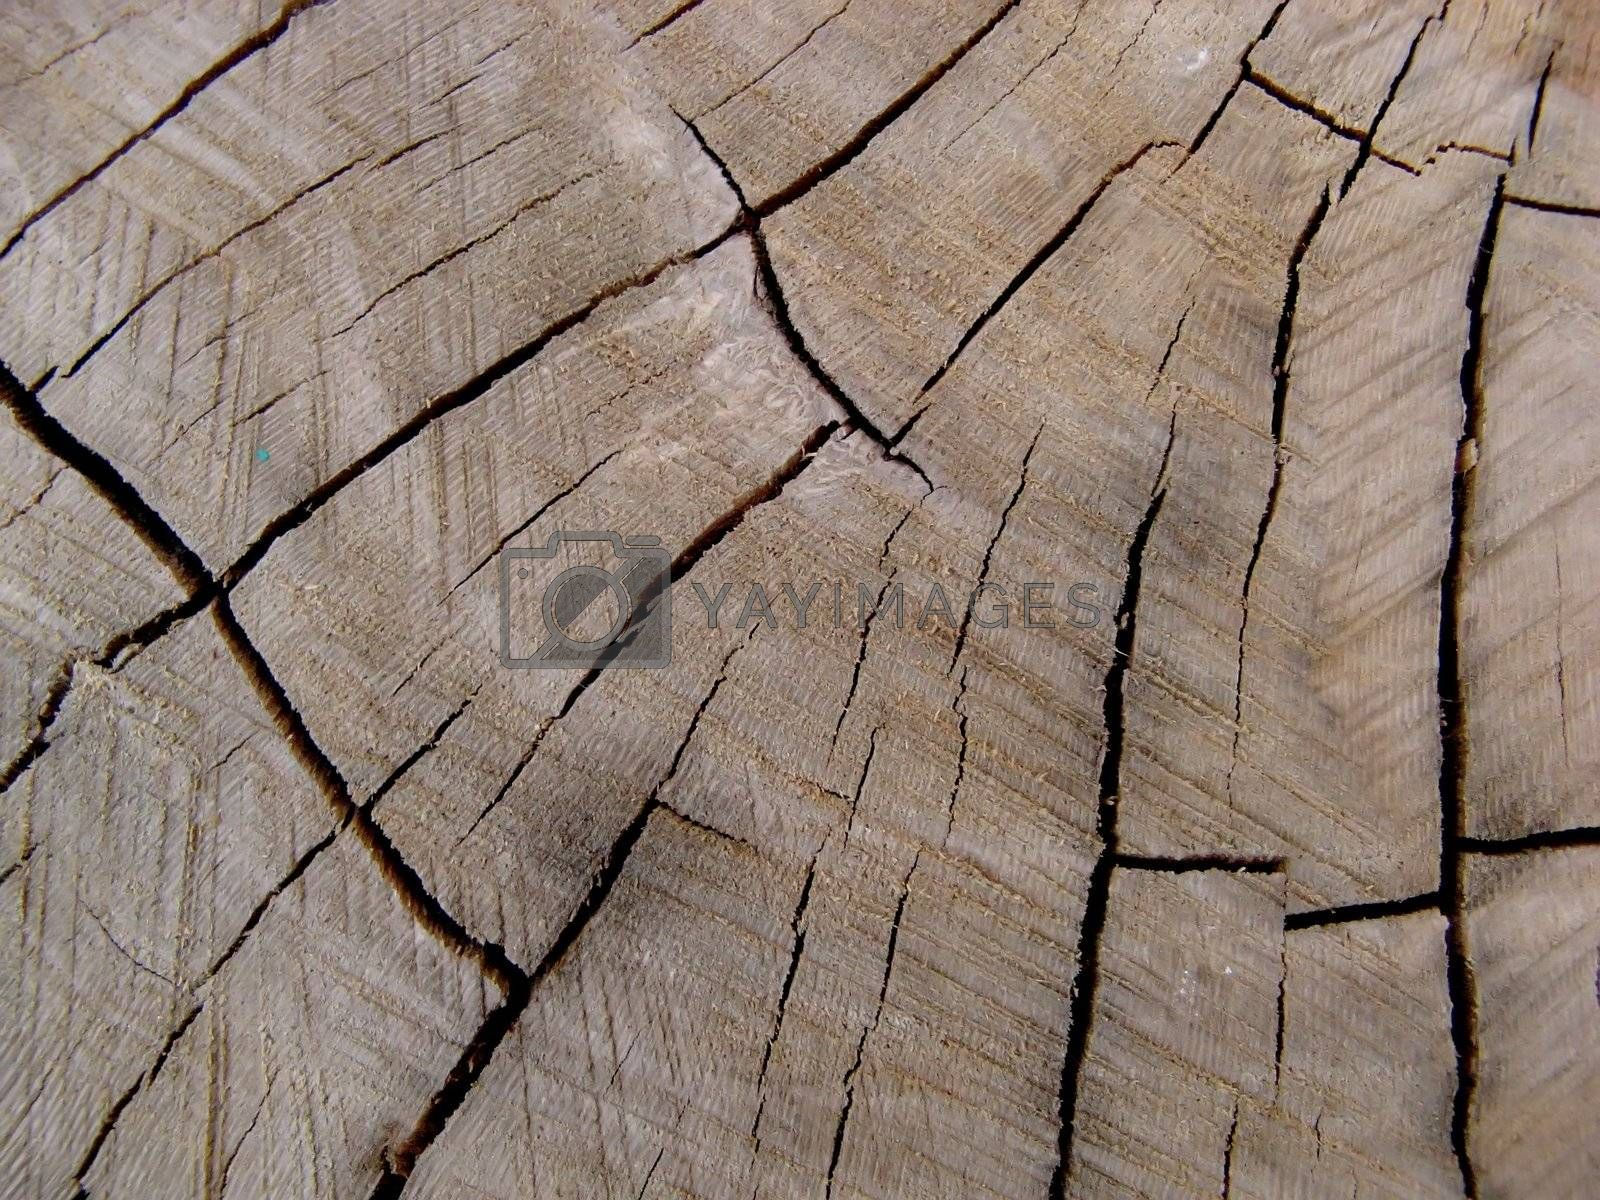 wood texture by jbouzou